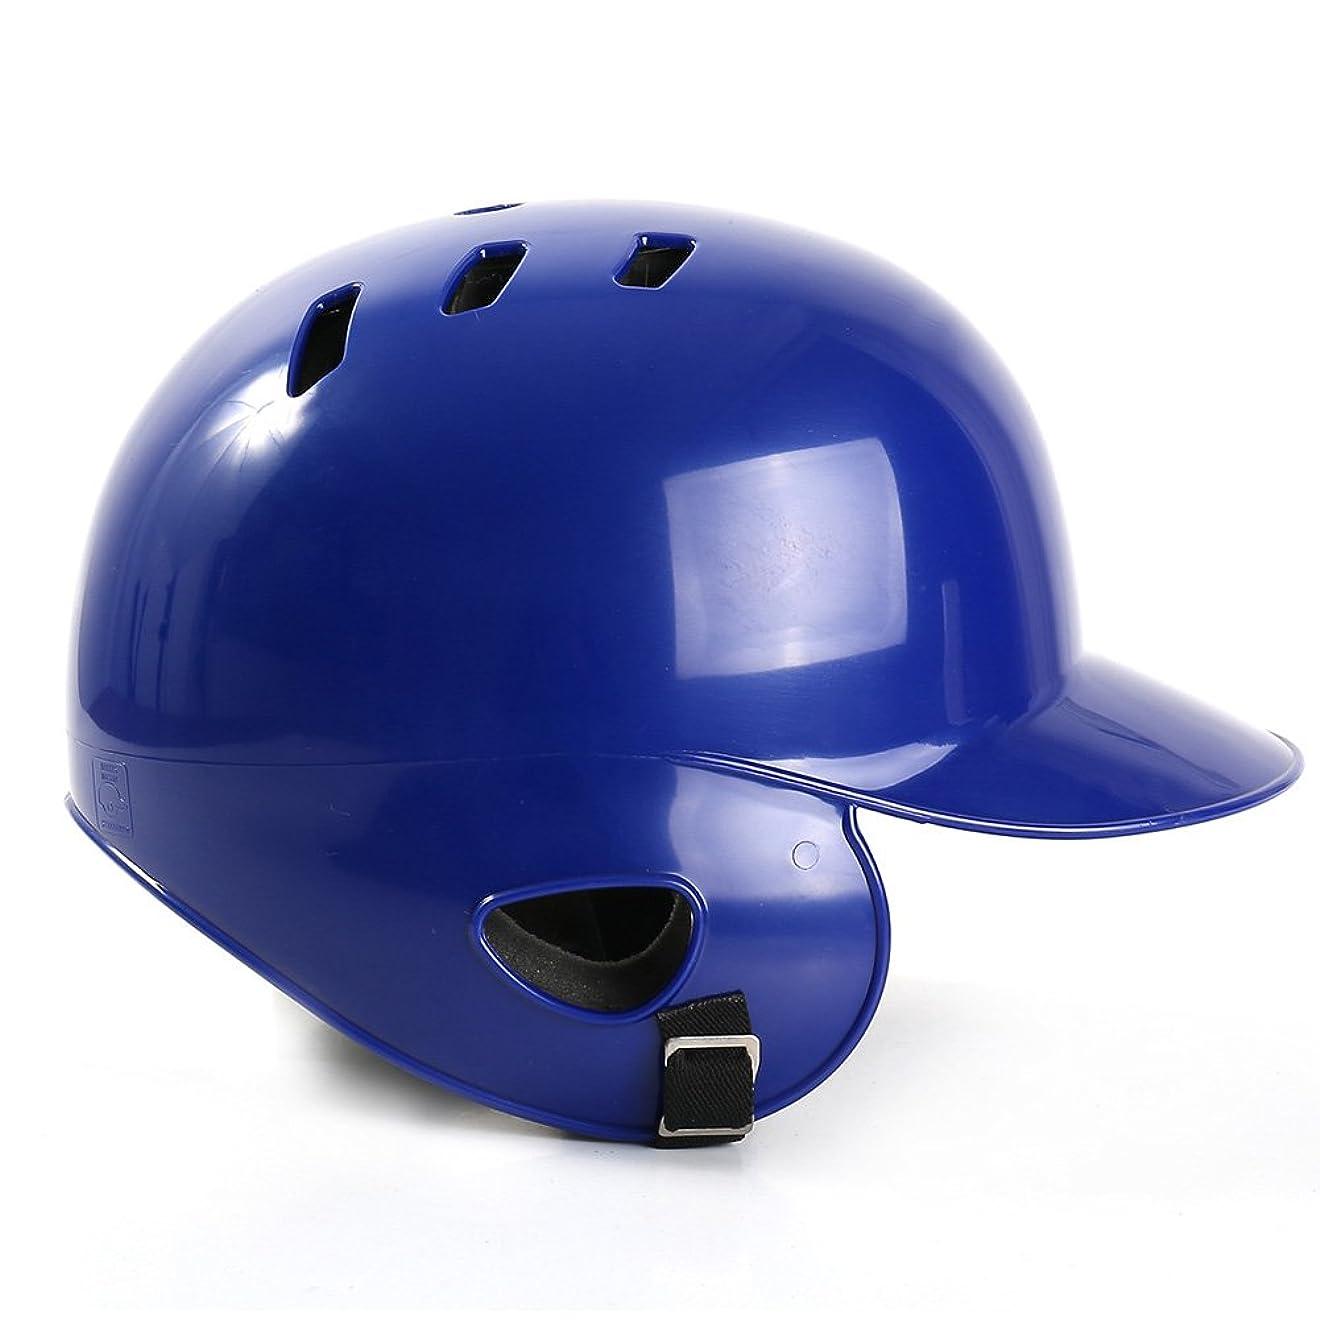 突き出す代理人驚かす野球用ヘルメット大人用プロテクターバンプキャップ保護衝撃性ソフトボールバッティング通気性(ブルー)